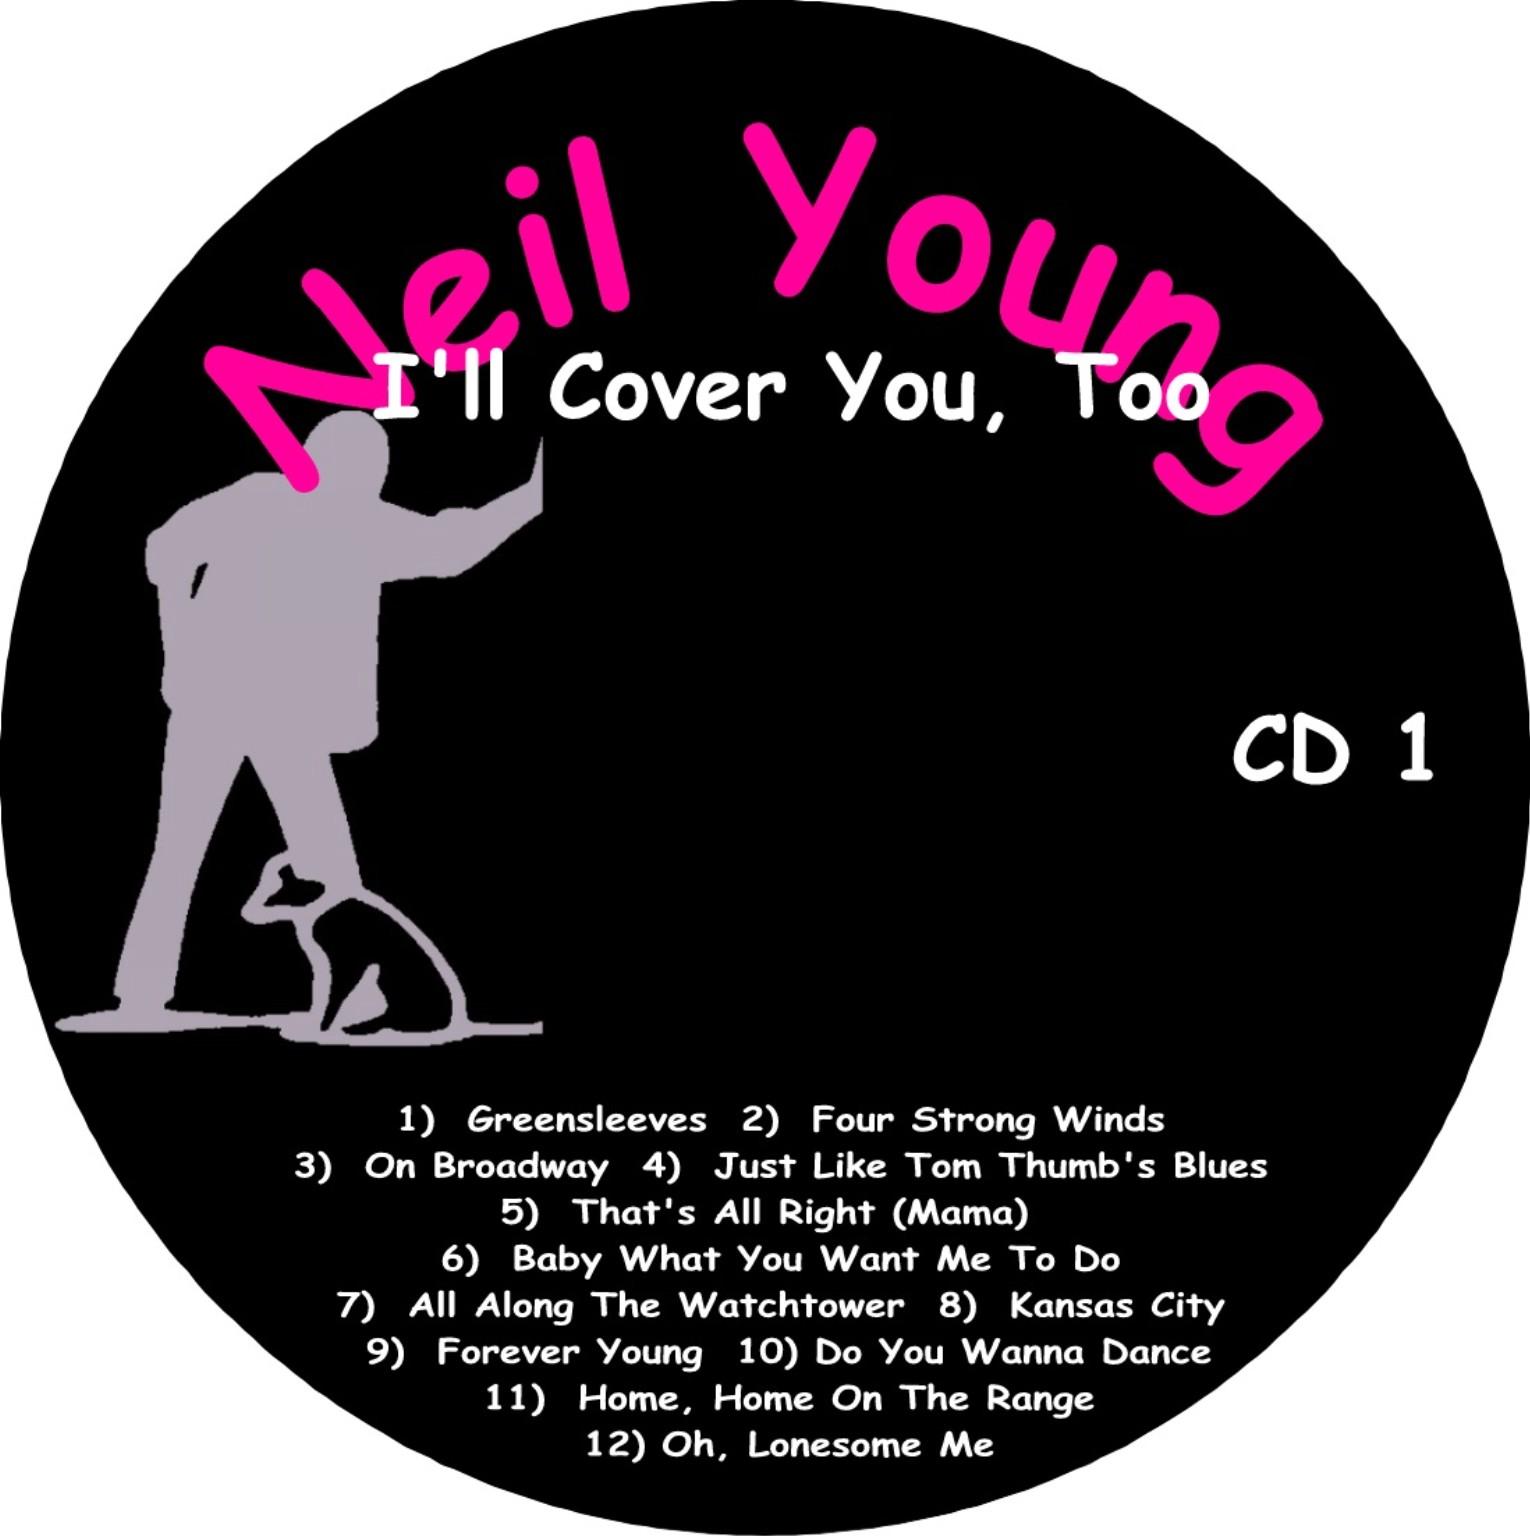 neil young discografía download